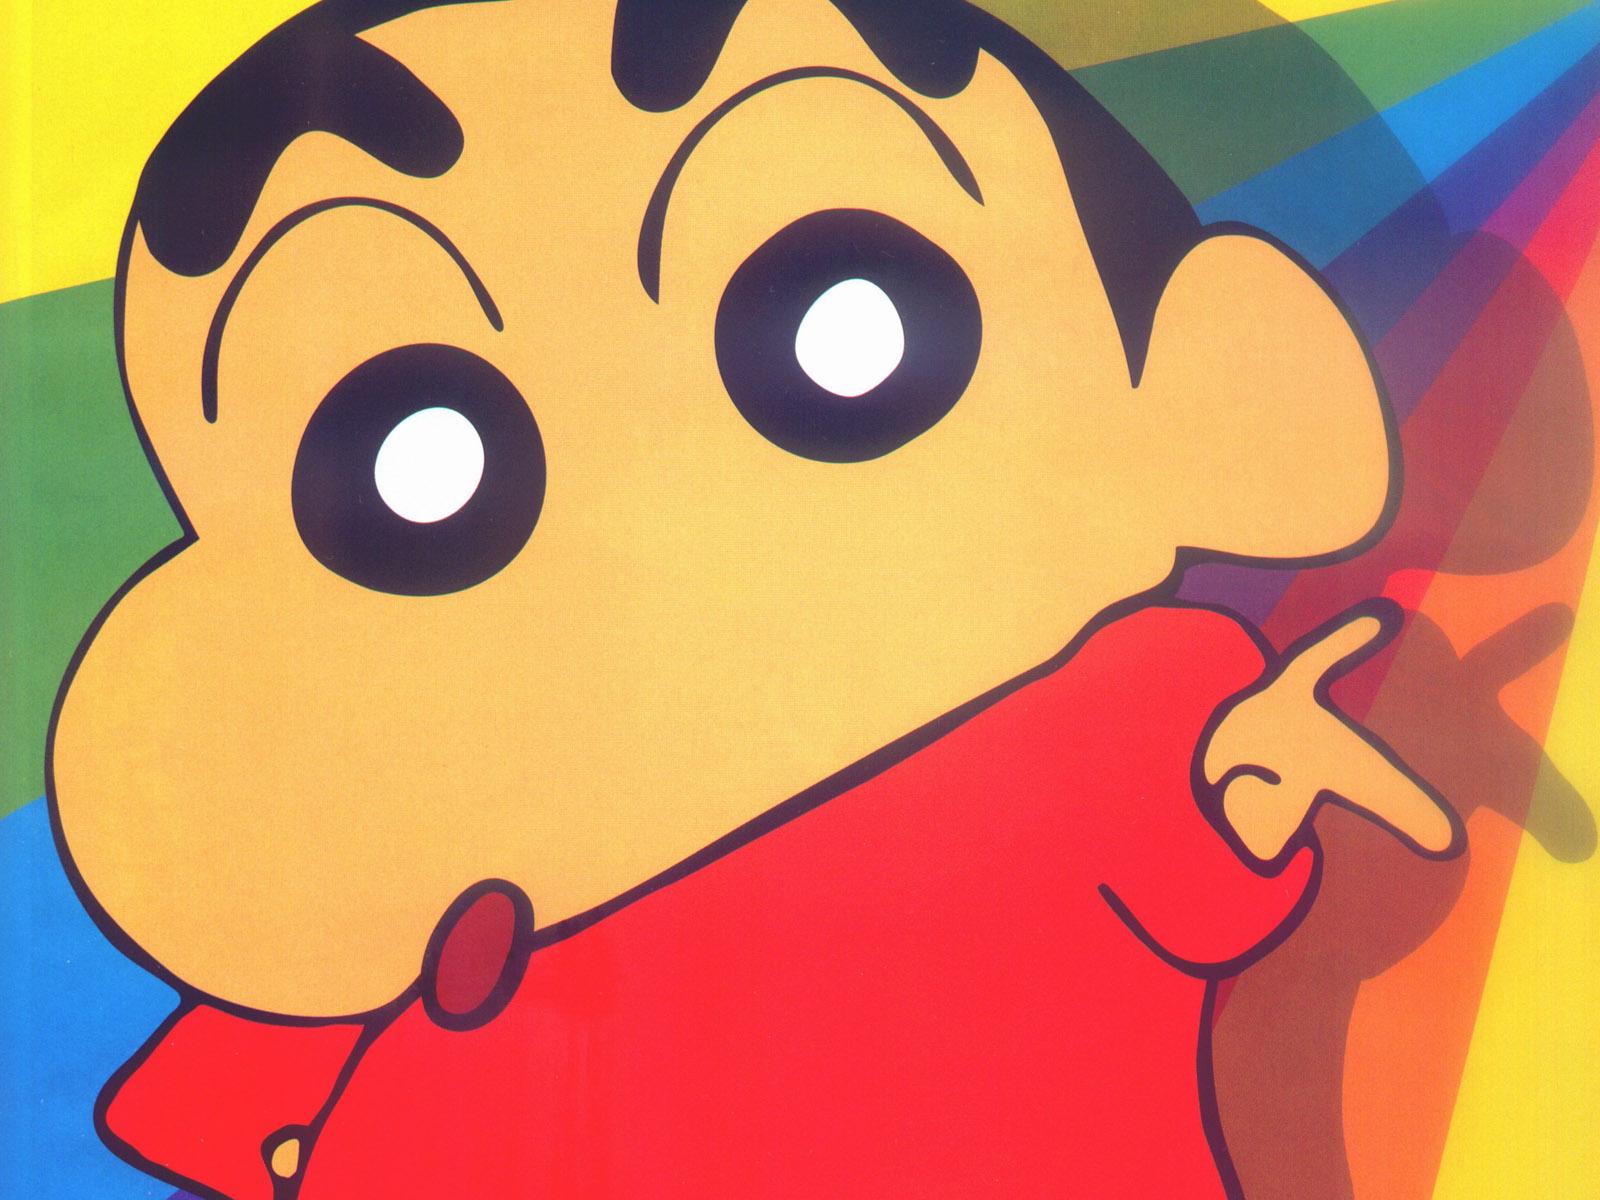 My Cute Shin Chan My Friends On Fanpop Wallpaper 36866447 Fanpop